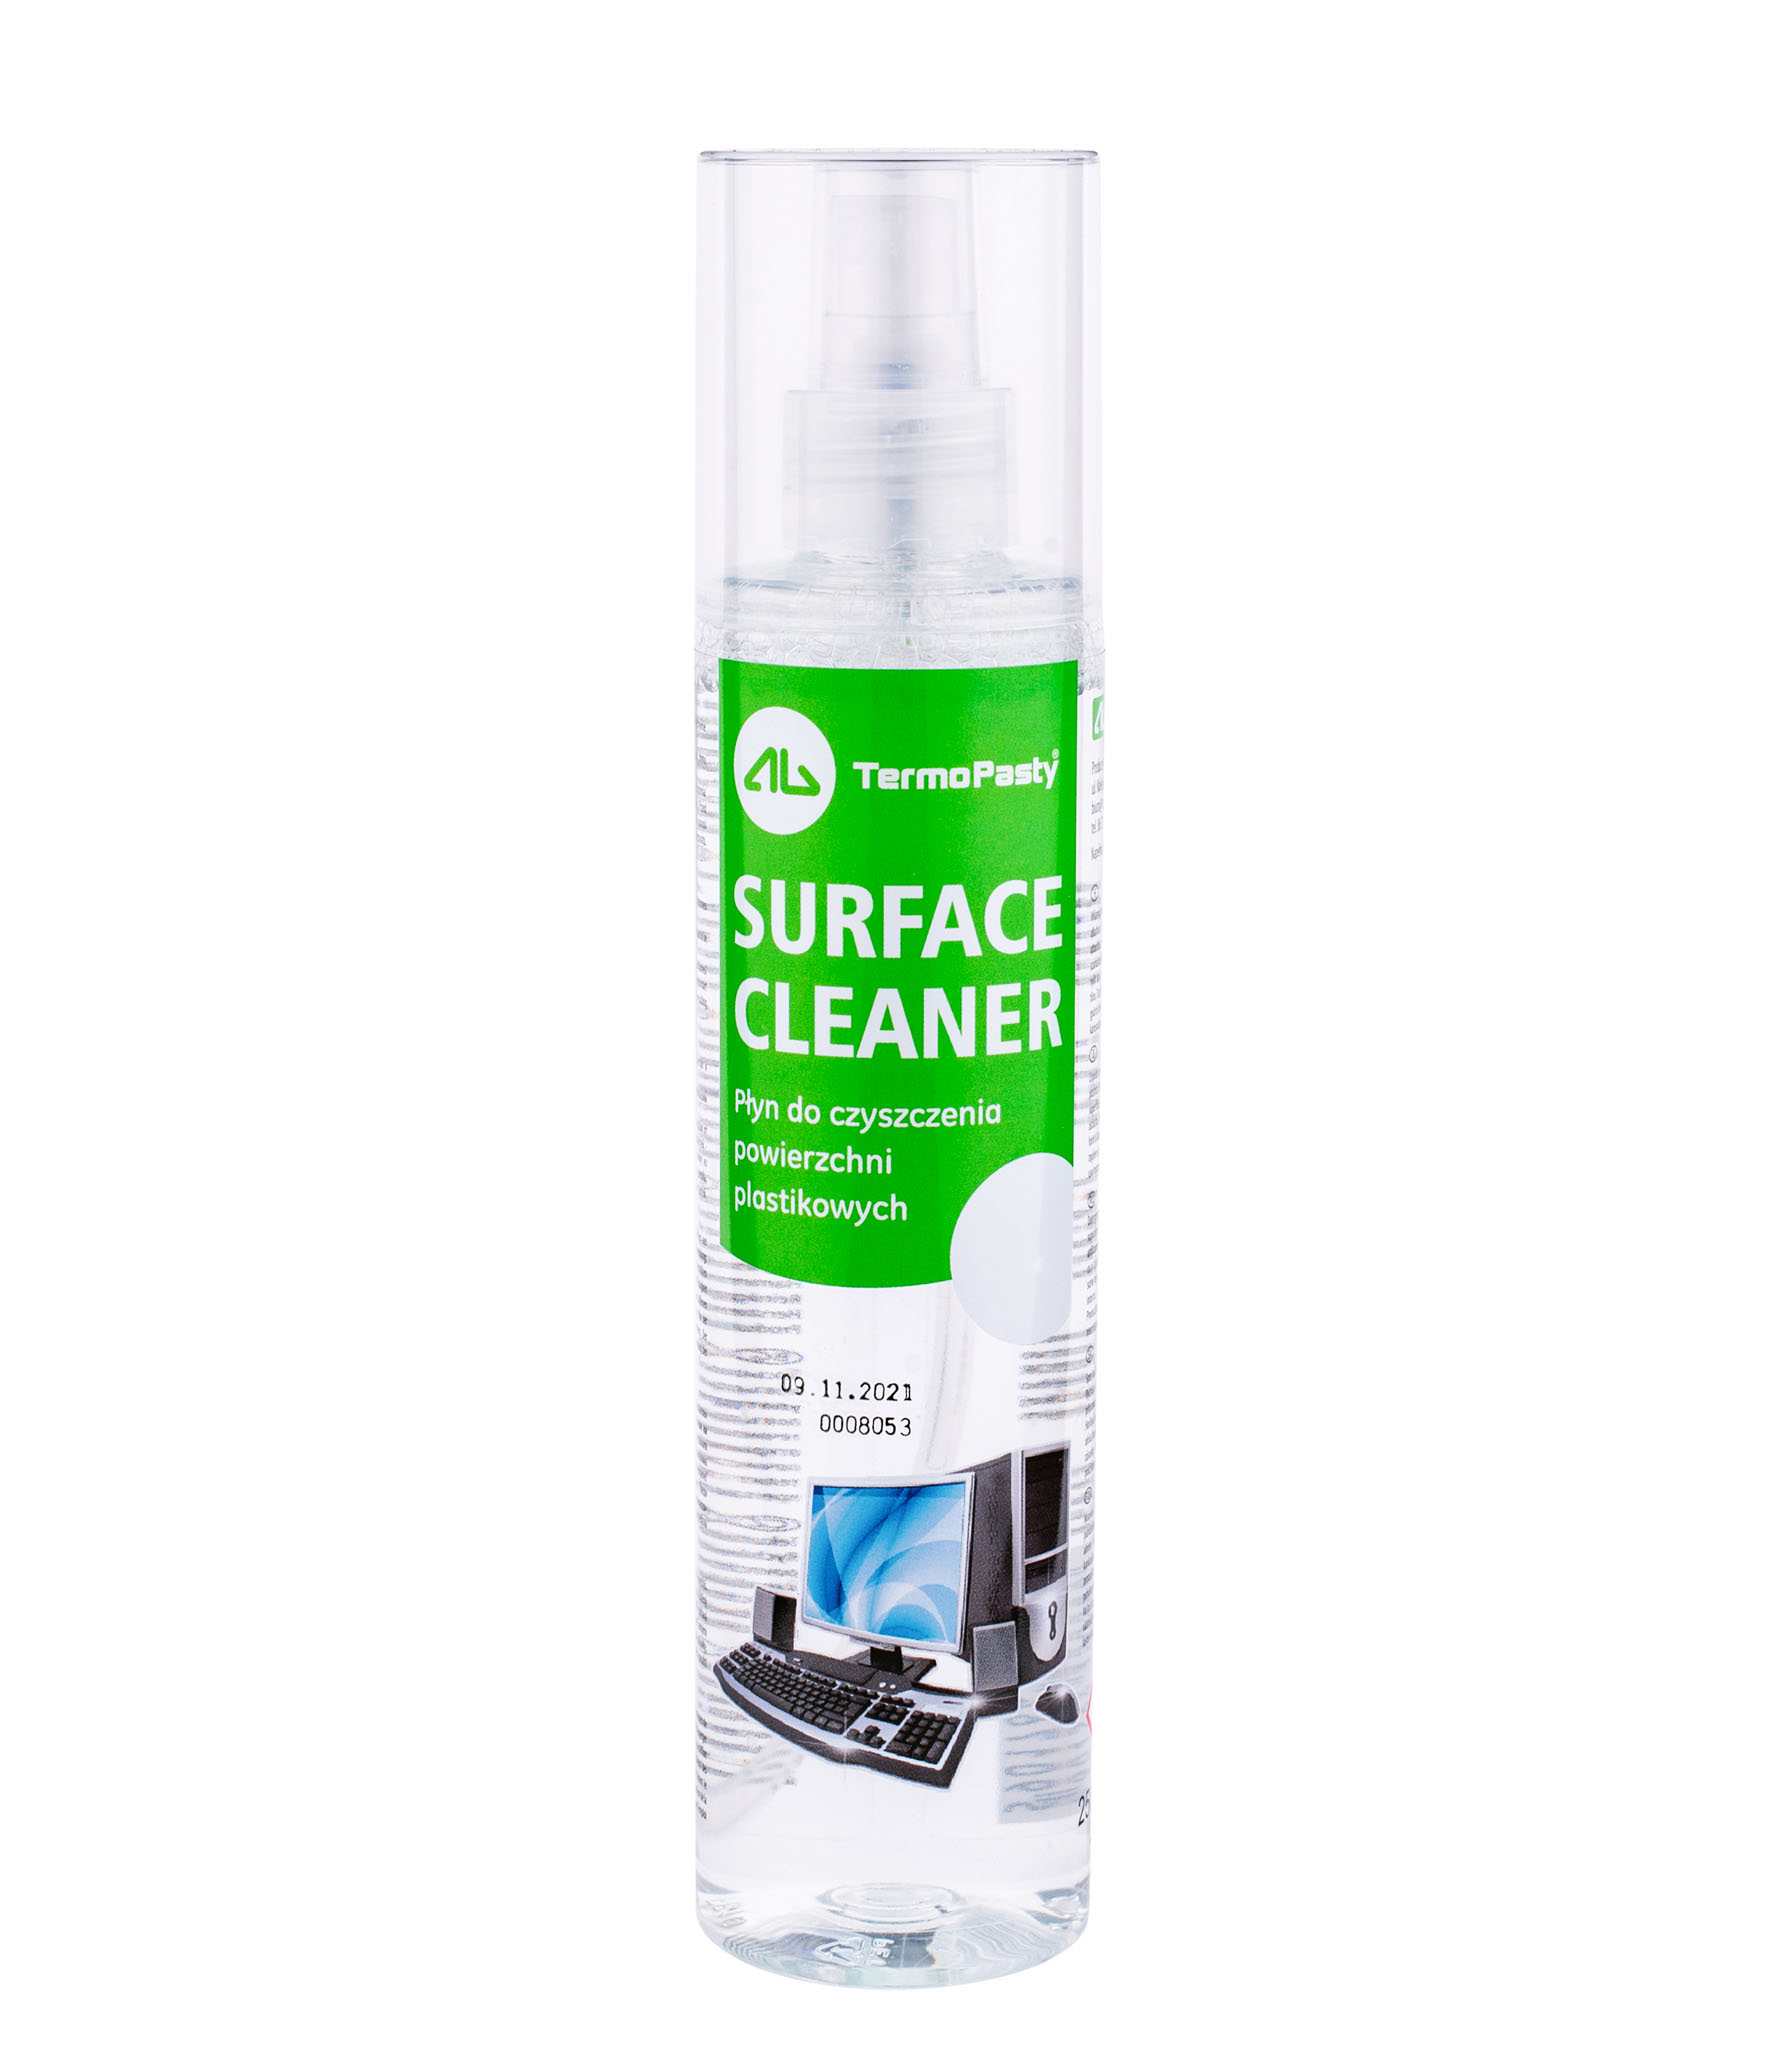 płyn do czyszczenia powierzchni